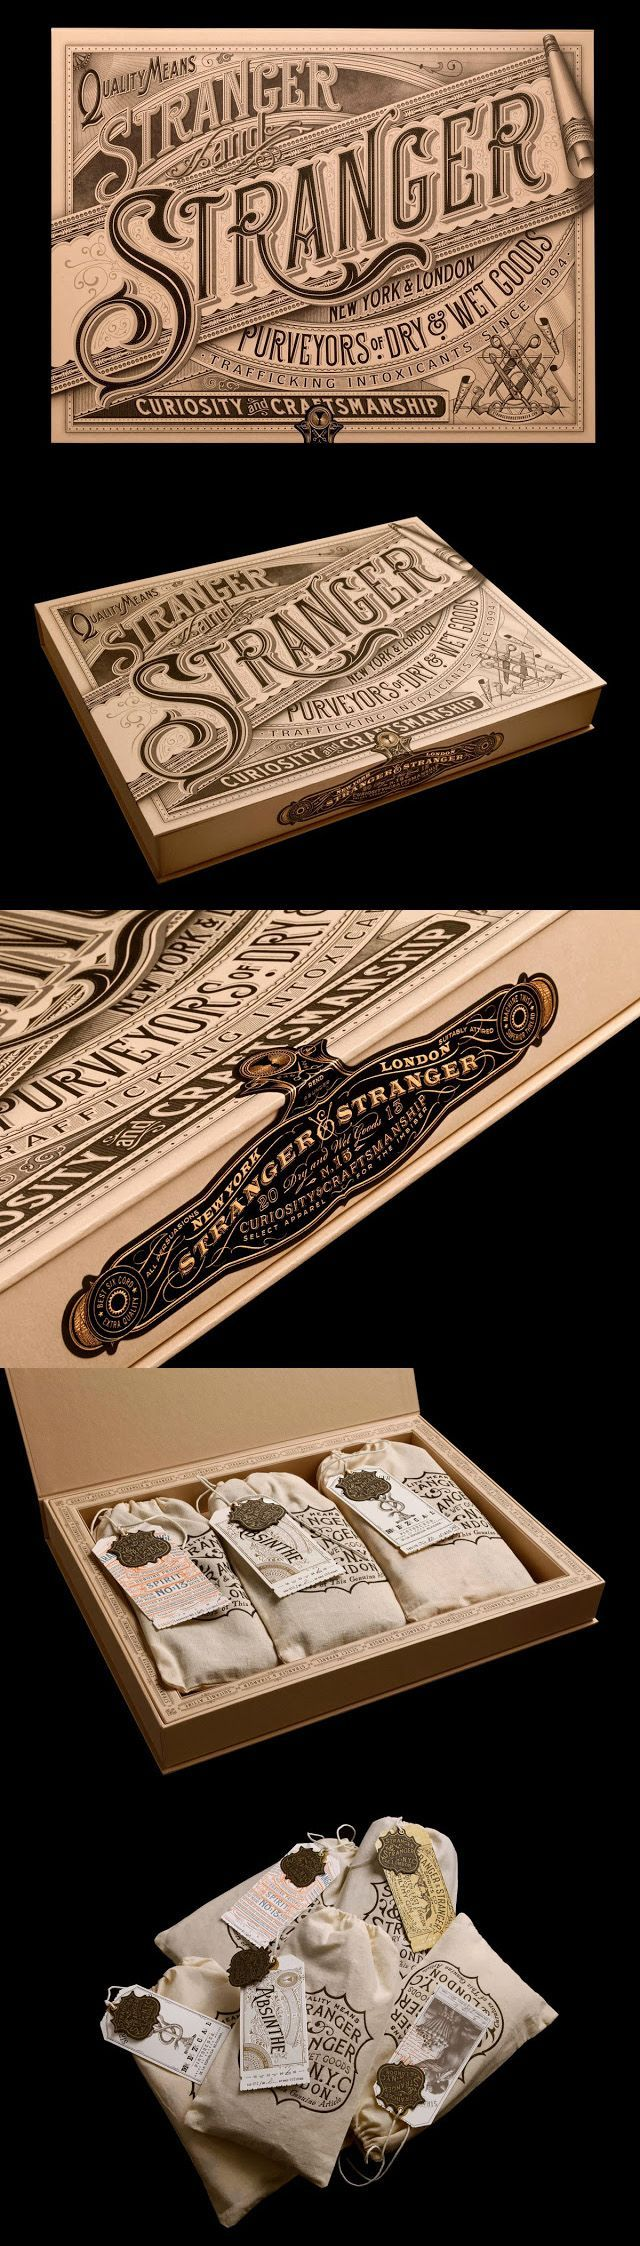 Stranger & Stranger 2013 Christmas Box packaging design